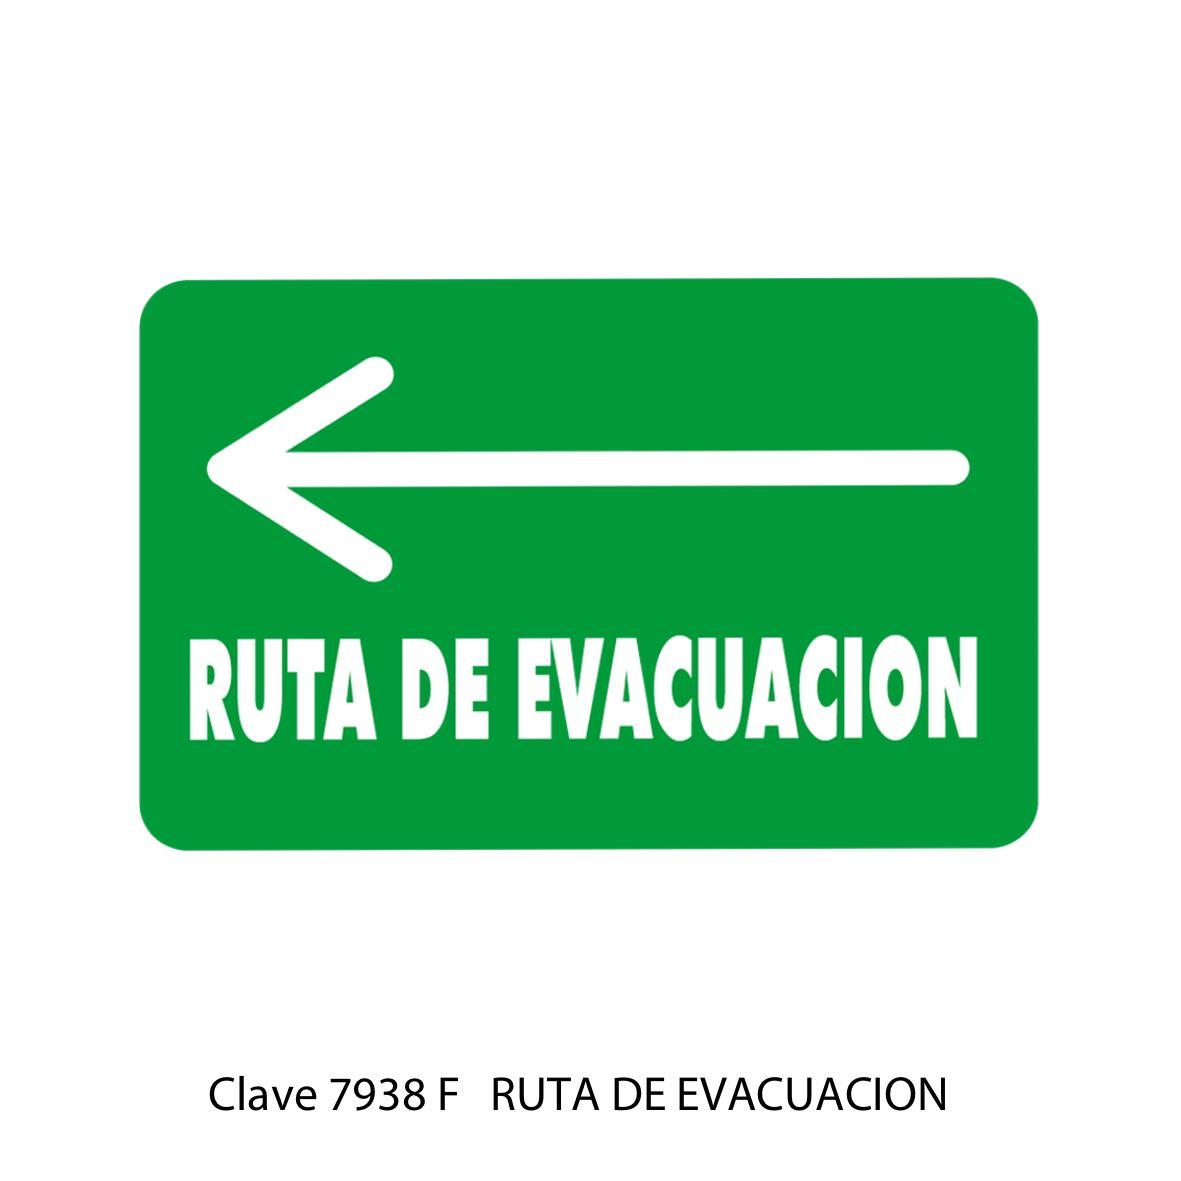 Señal Ruta de Evacuación Flecha hacia la Izquierda Modelo 7938 F - Sablón